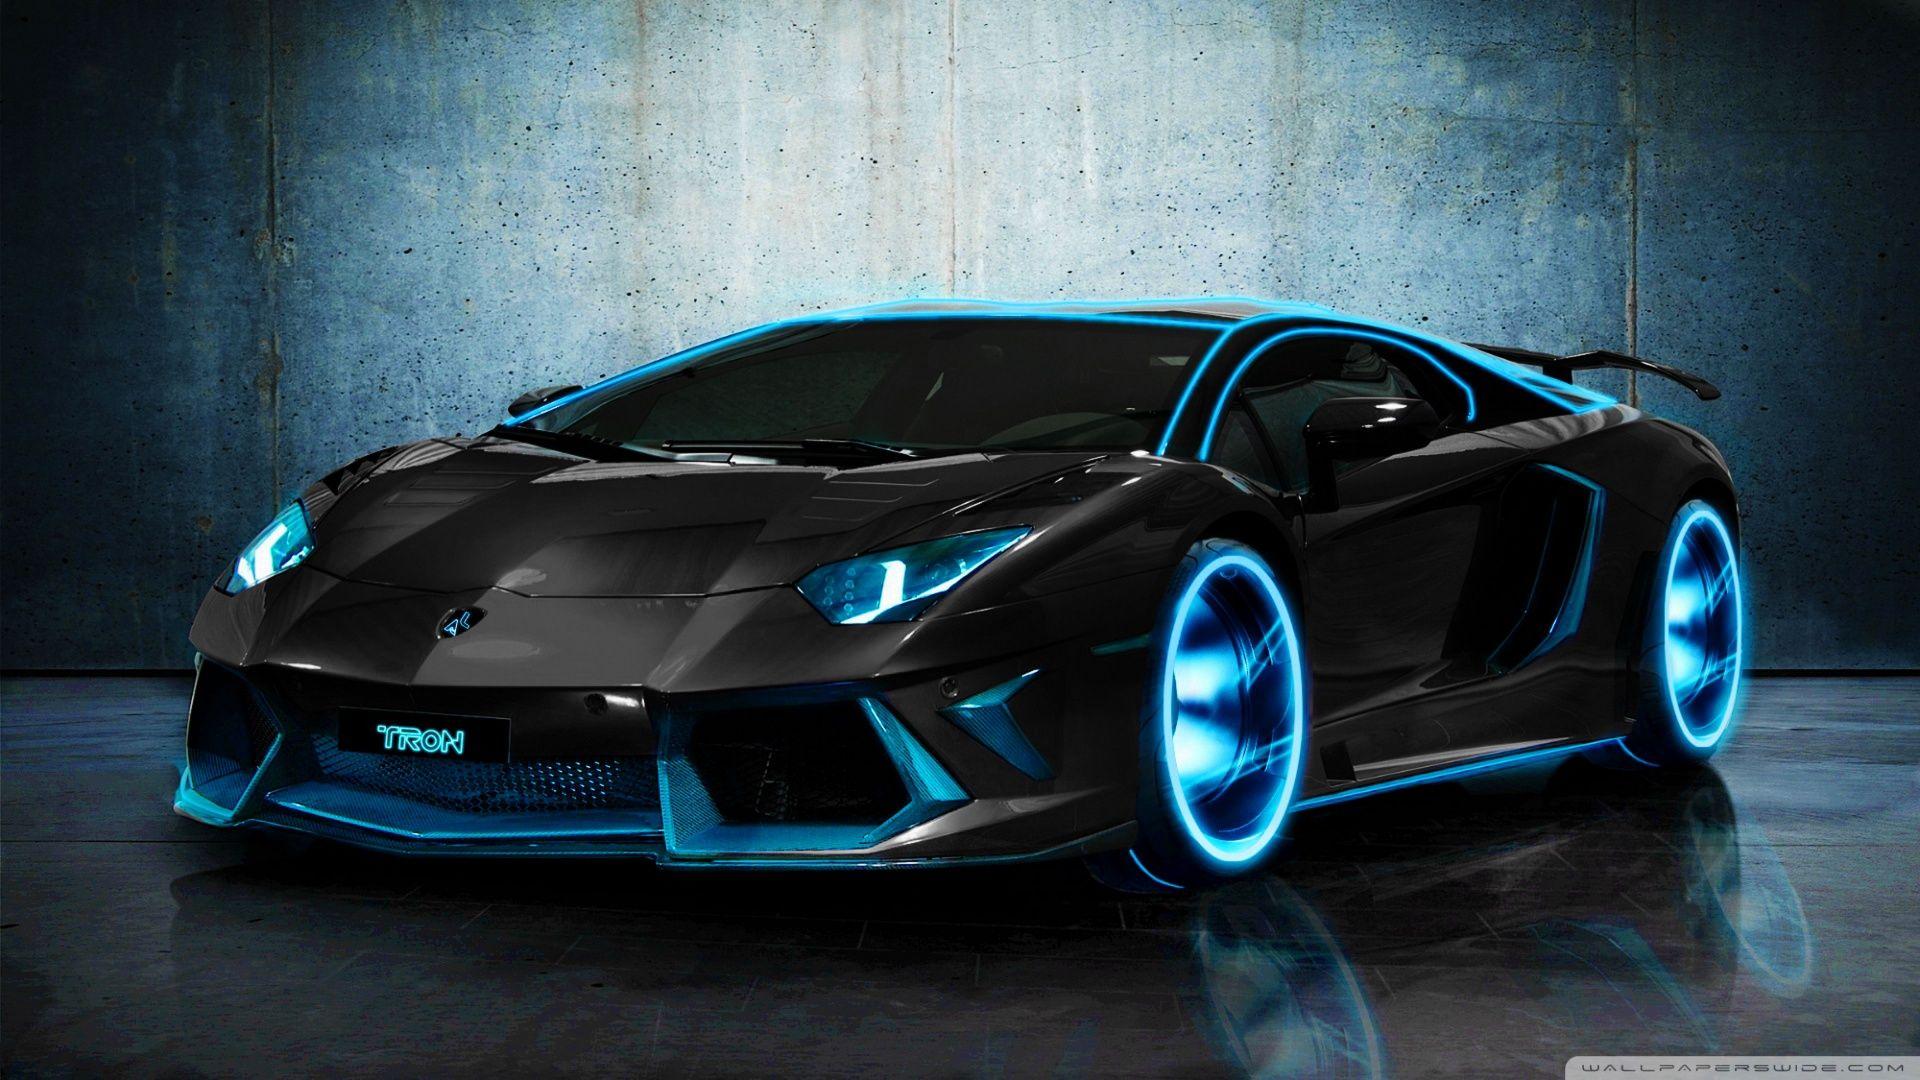 Hd Desktop Wallpapers Free Download Carros Lamborghini Carros